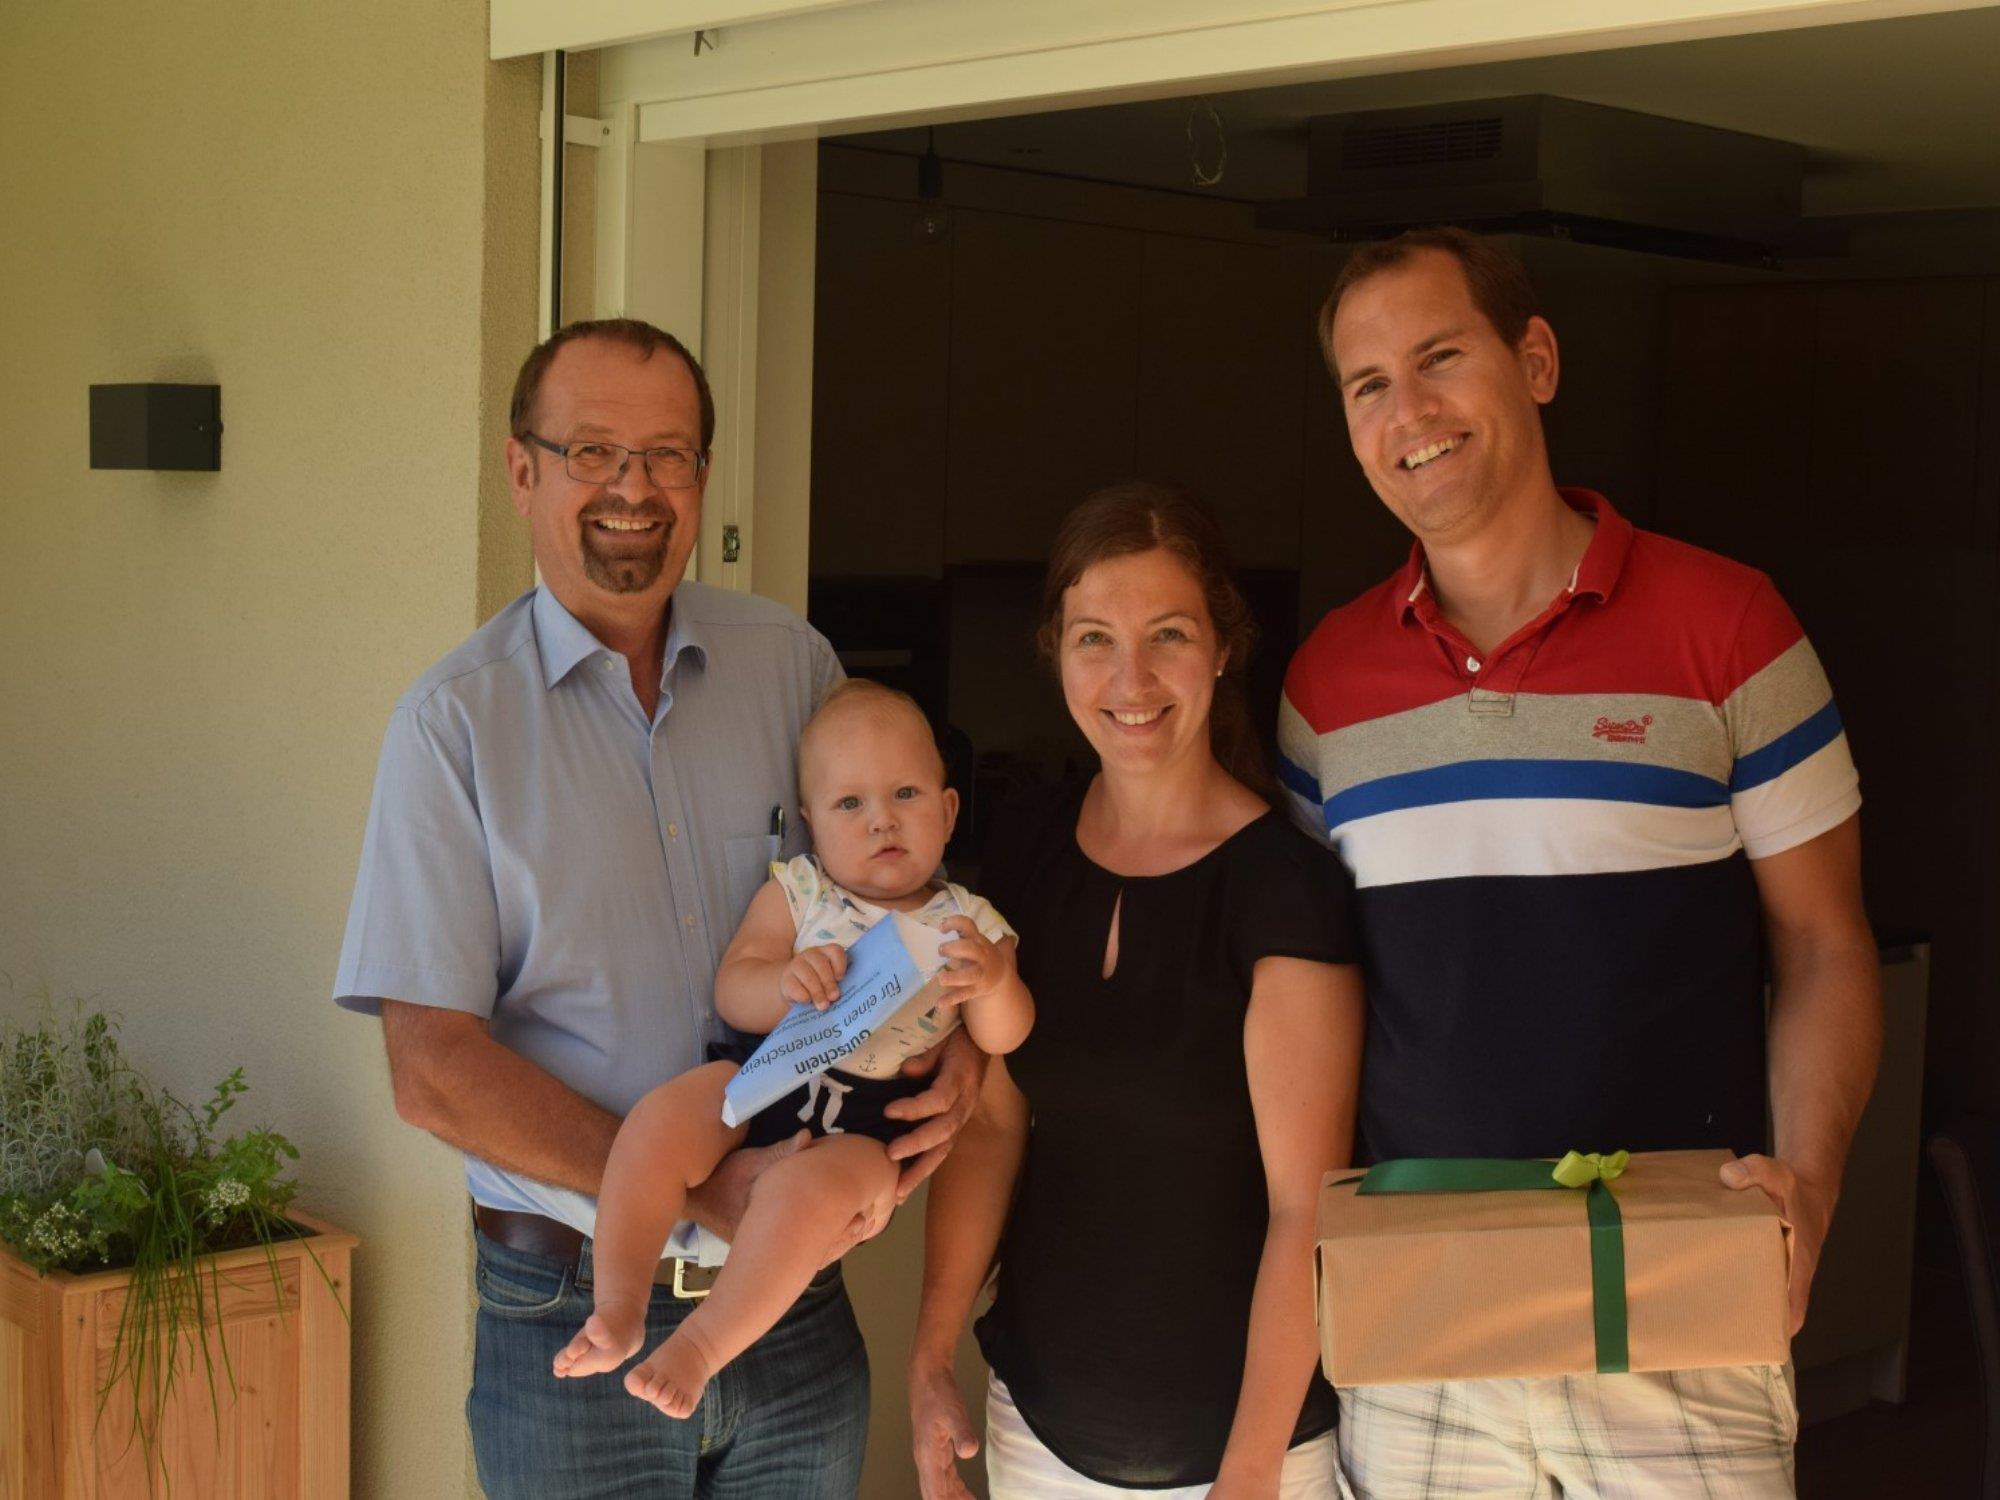 Bürgermeister Rainer Siegele mit dem 4000. Einwohner seiner Gemeinde: Laurin Raphael Haid mit seinen Eltern.